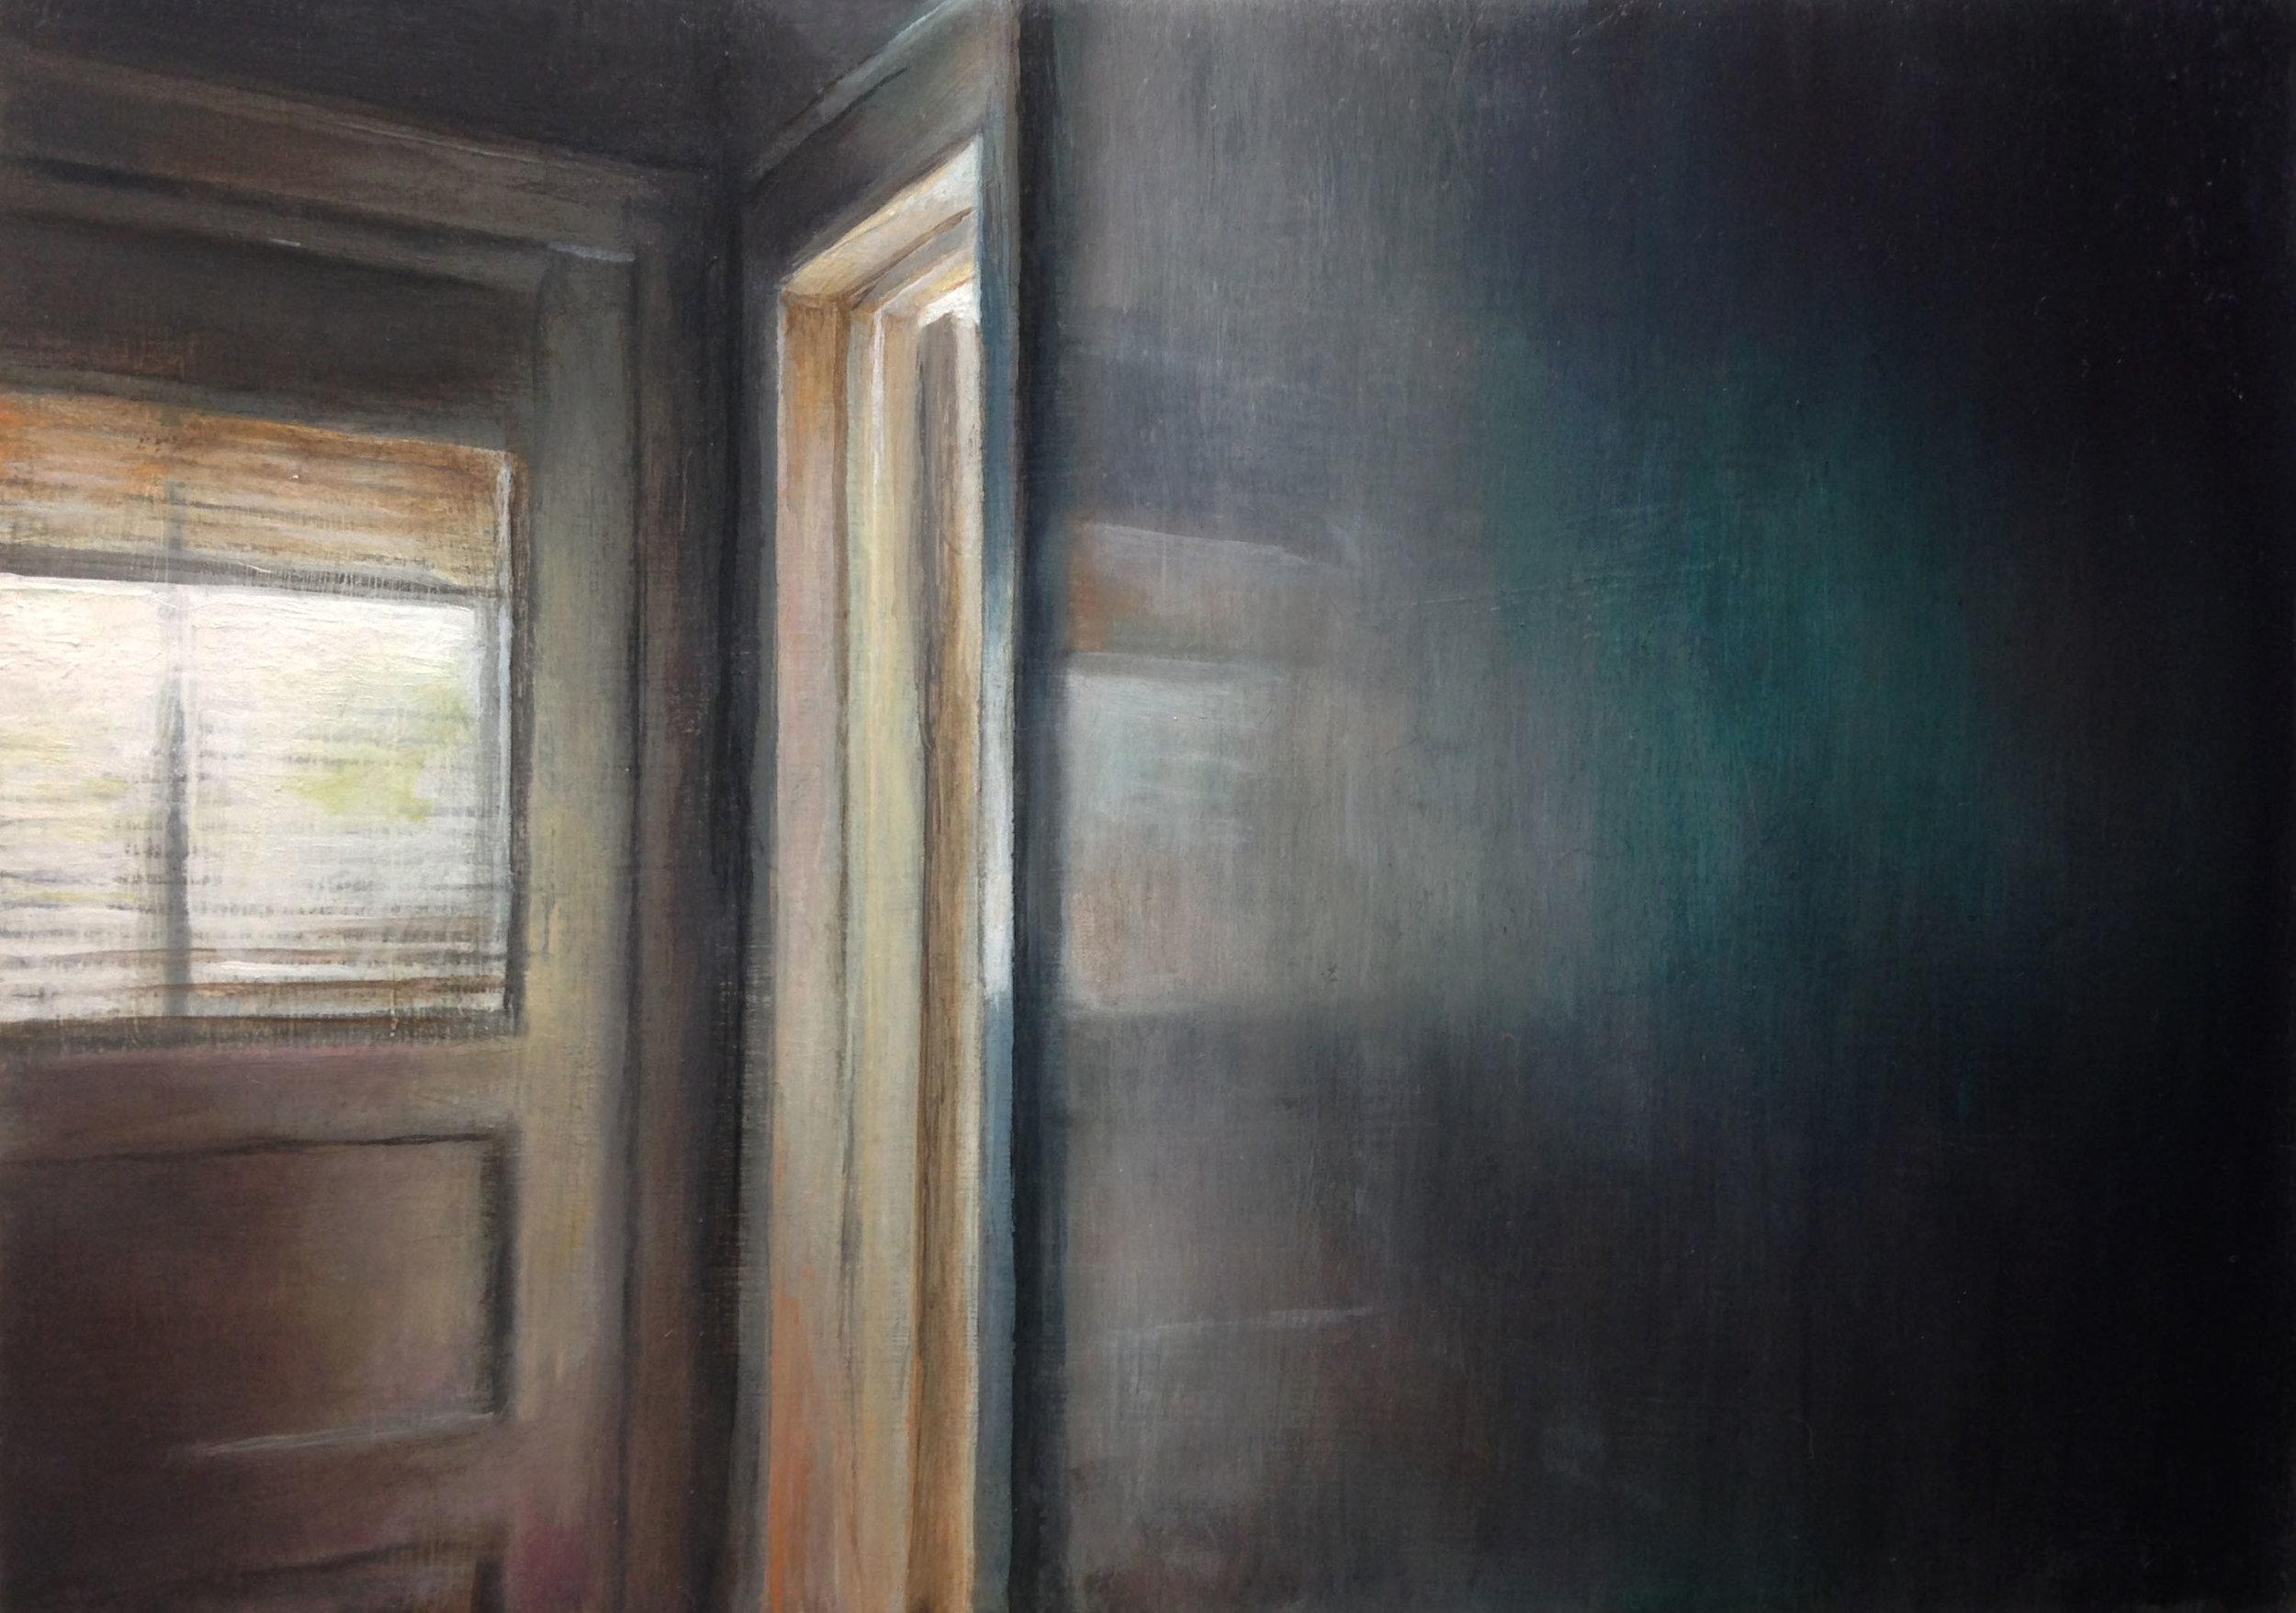 Kitchen Door   2017  Oil on linen  5 x 7 inches